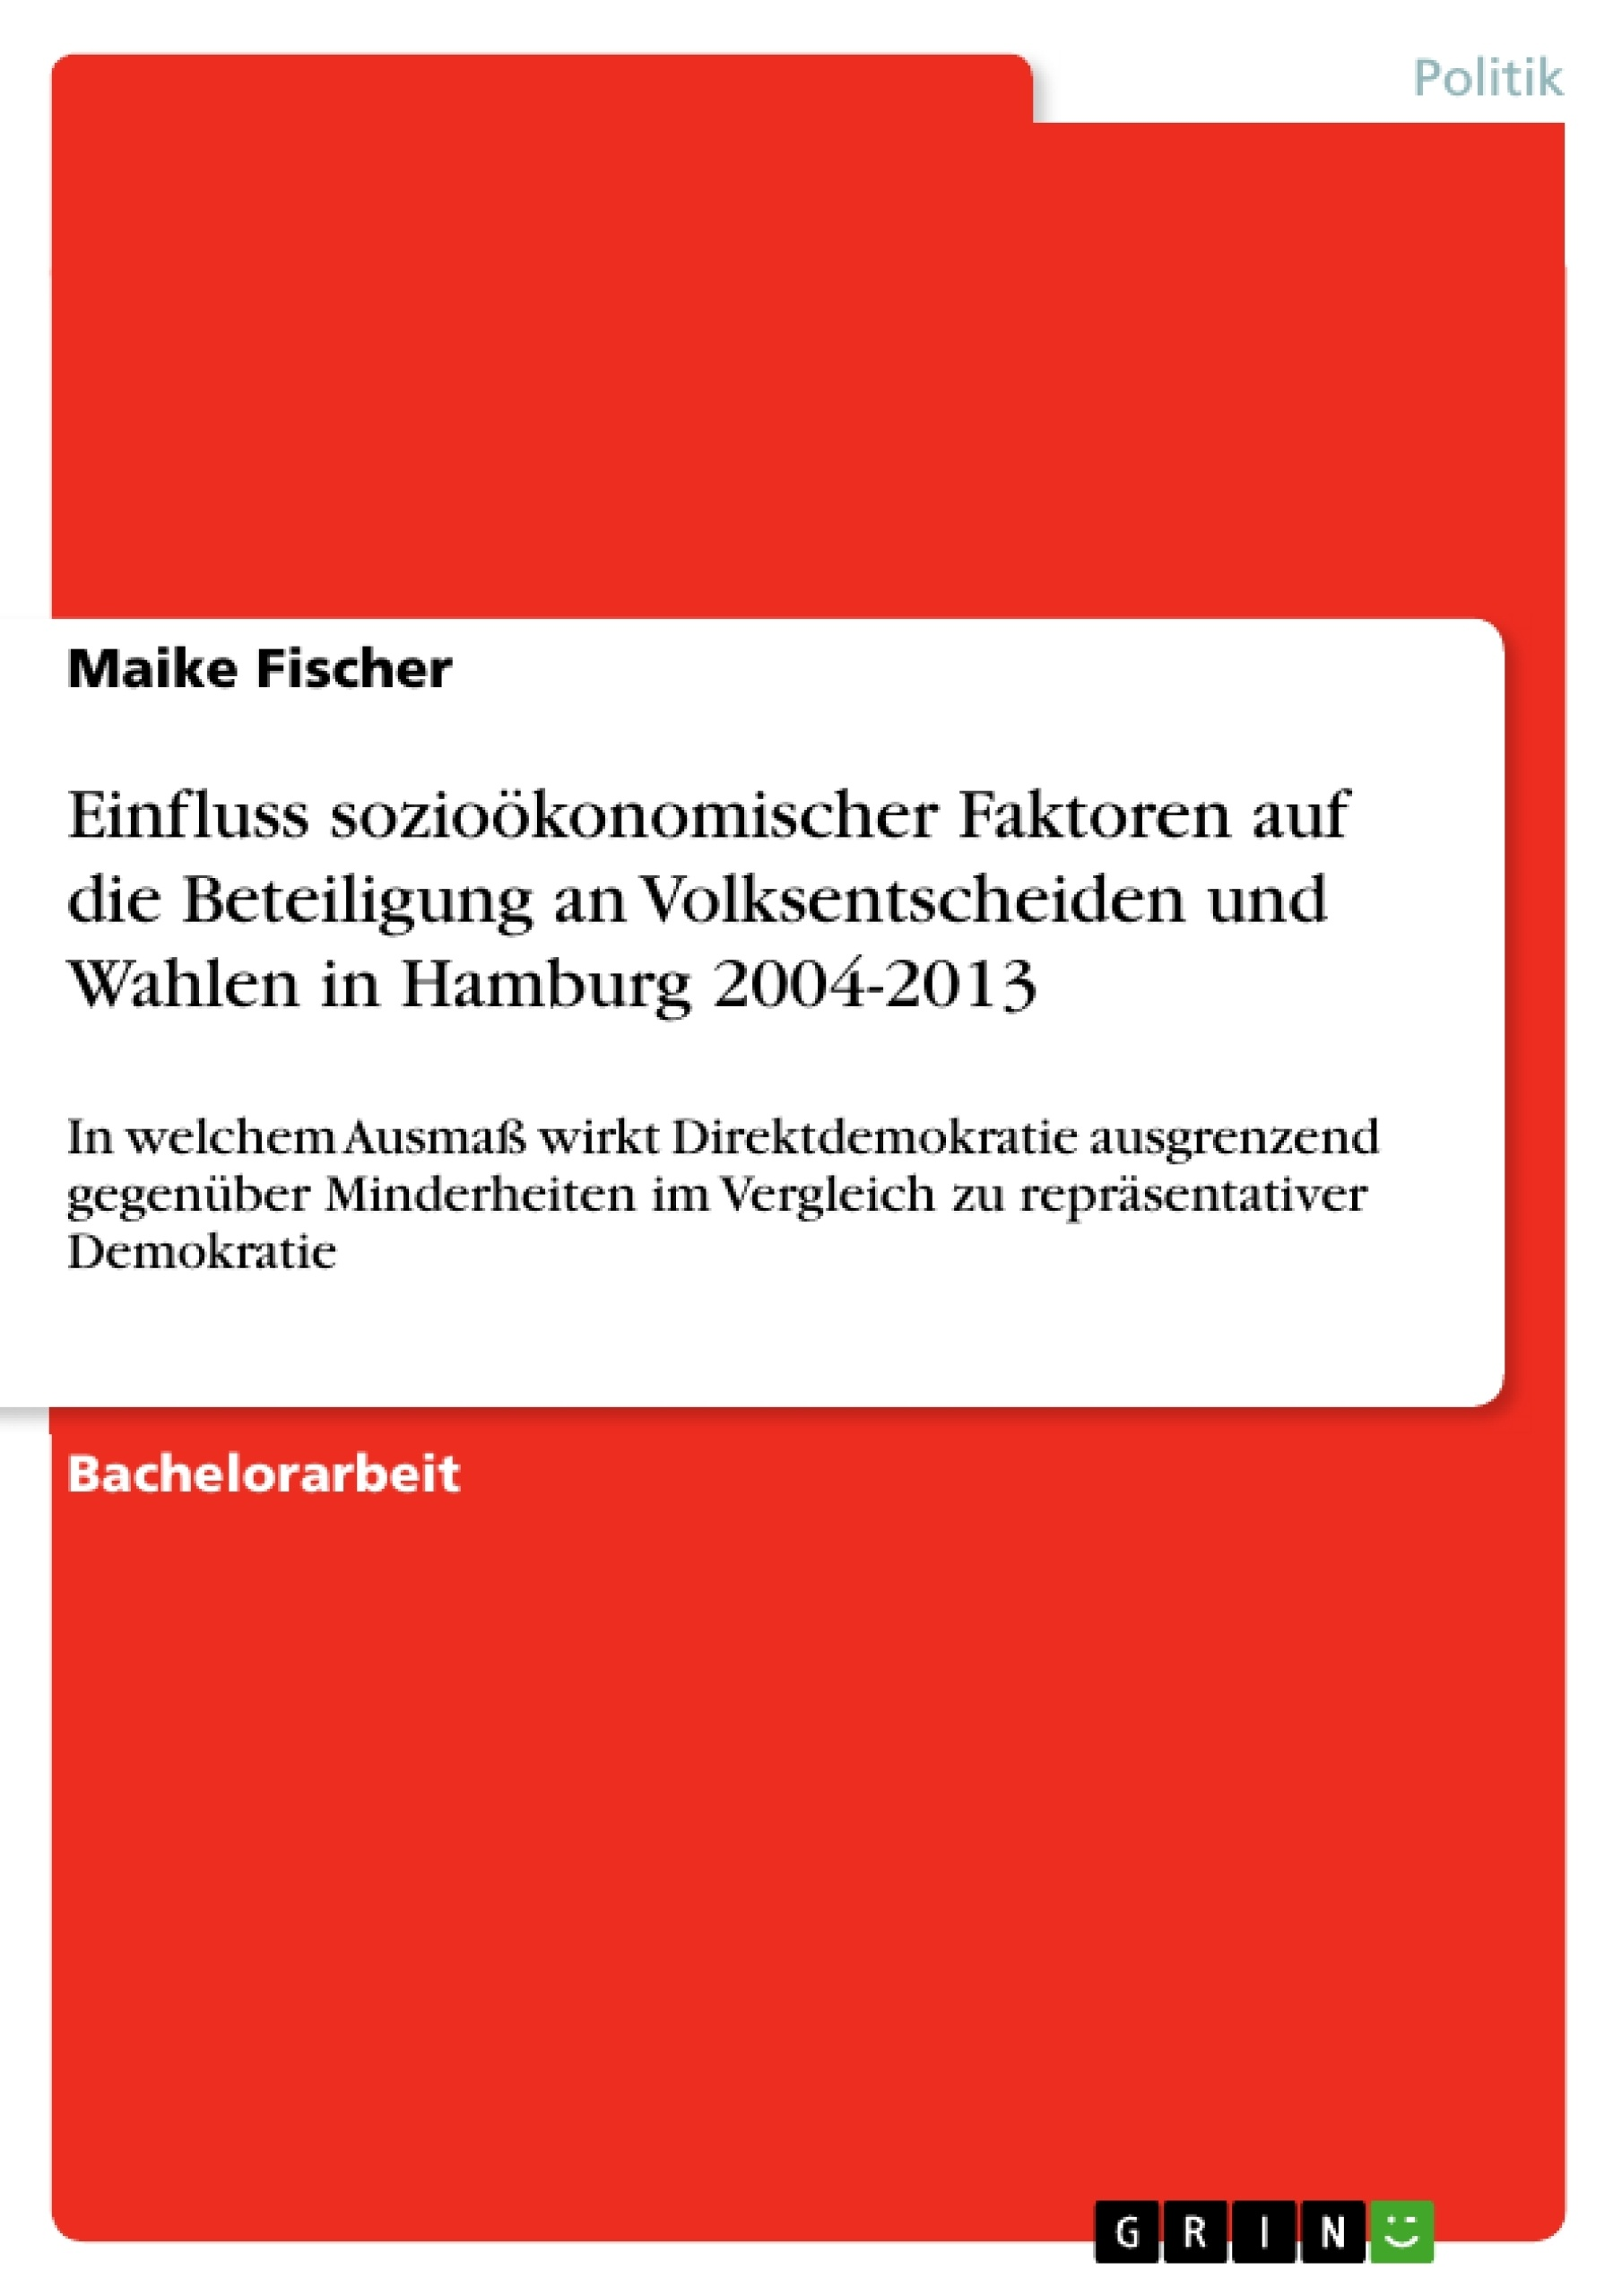 Titel: Einfluss sozioökonomischer Faktoren auf die Beteiligung an Volksentscheiden und Wahlen in Hamburg 2004-2013